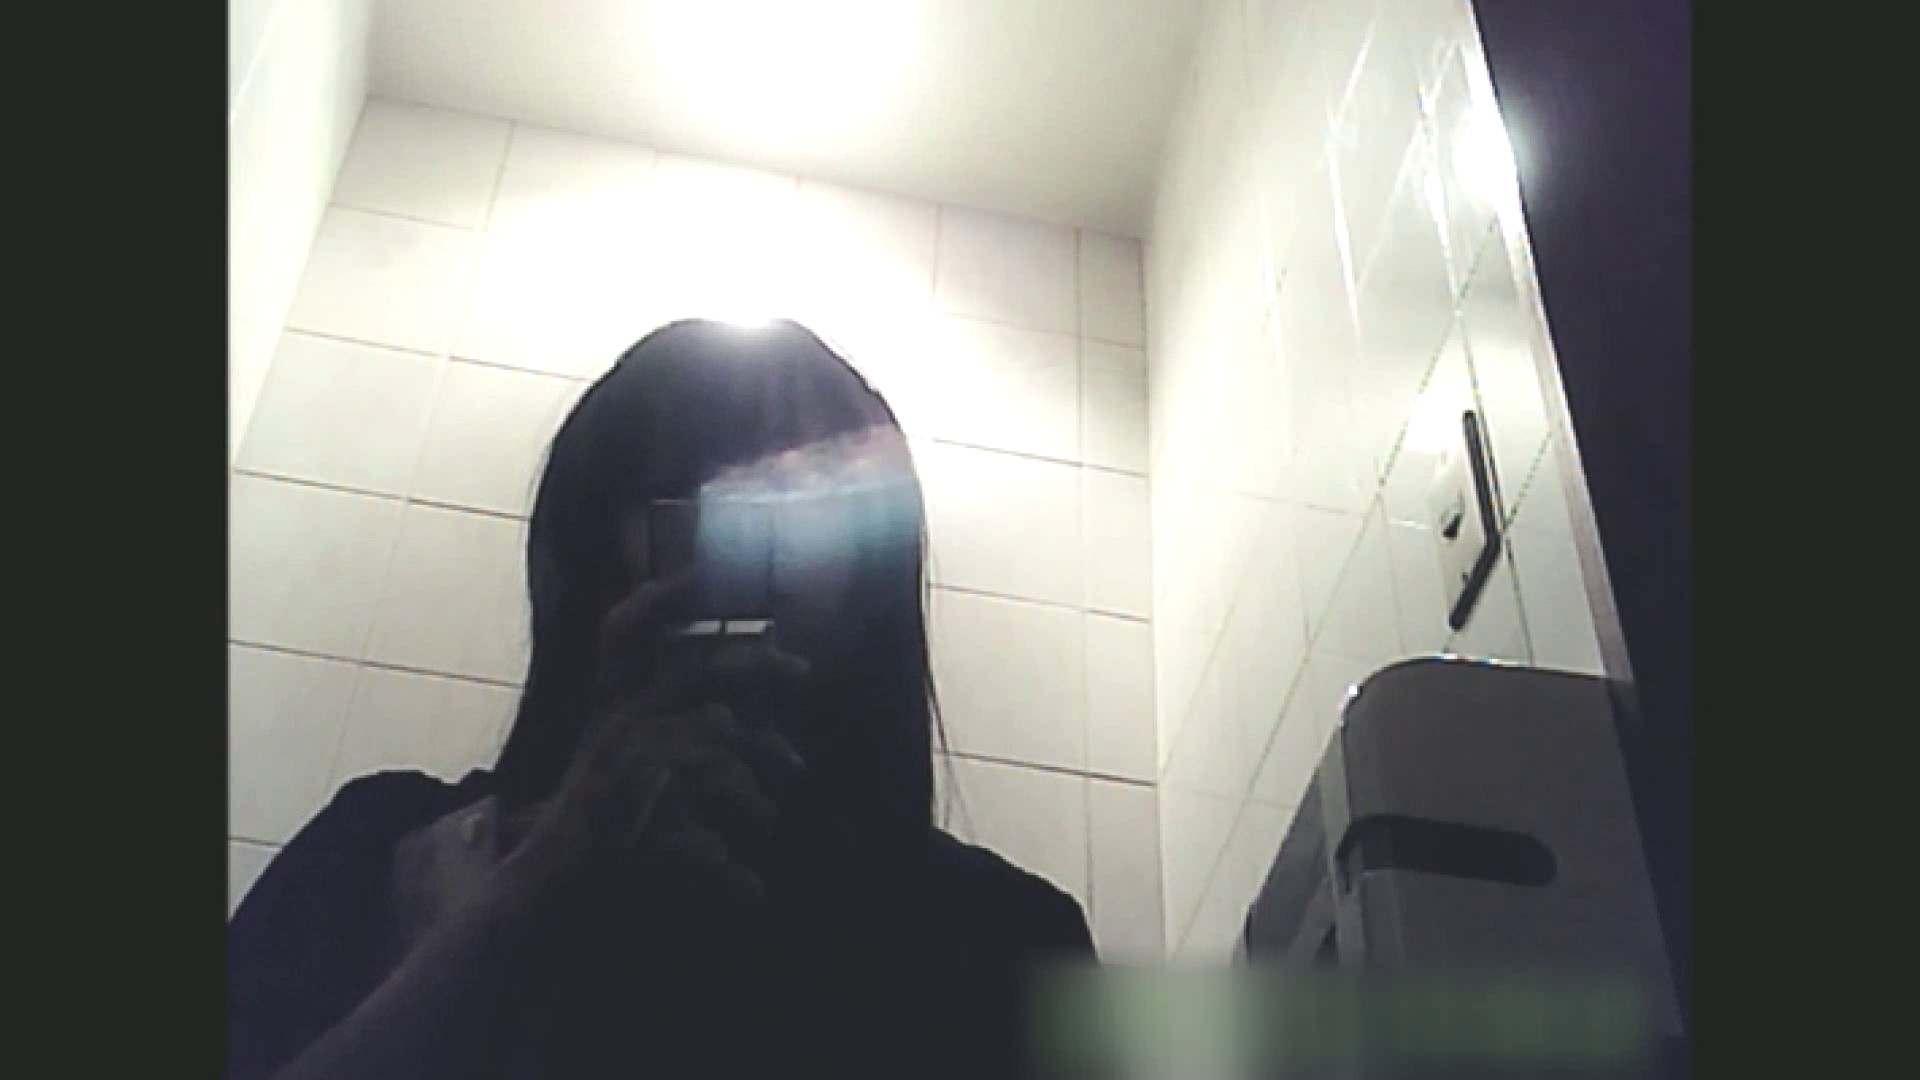 実録!!綺麗なお姉さんのトイレ事情・・・。vol.4 OL  72枚 2